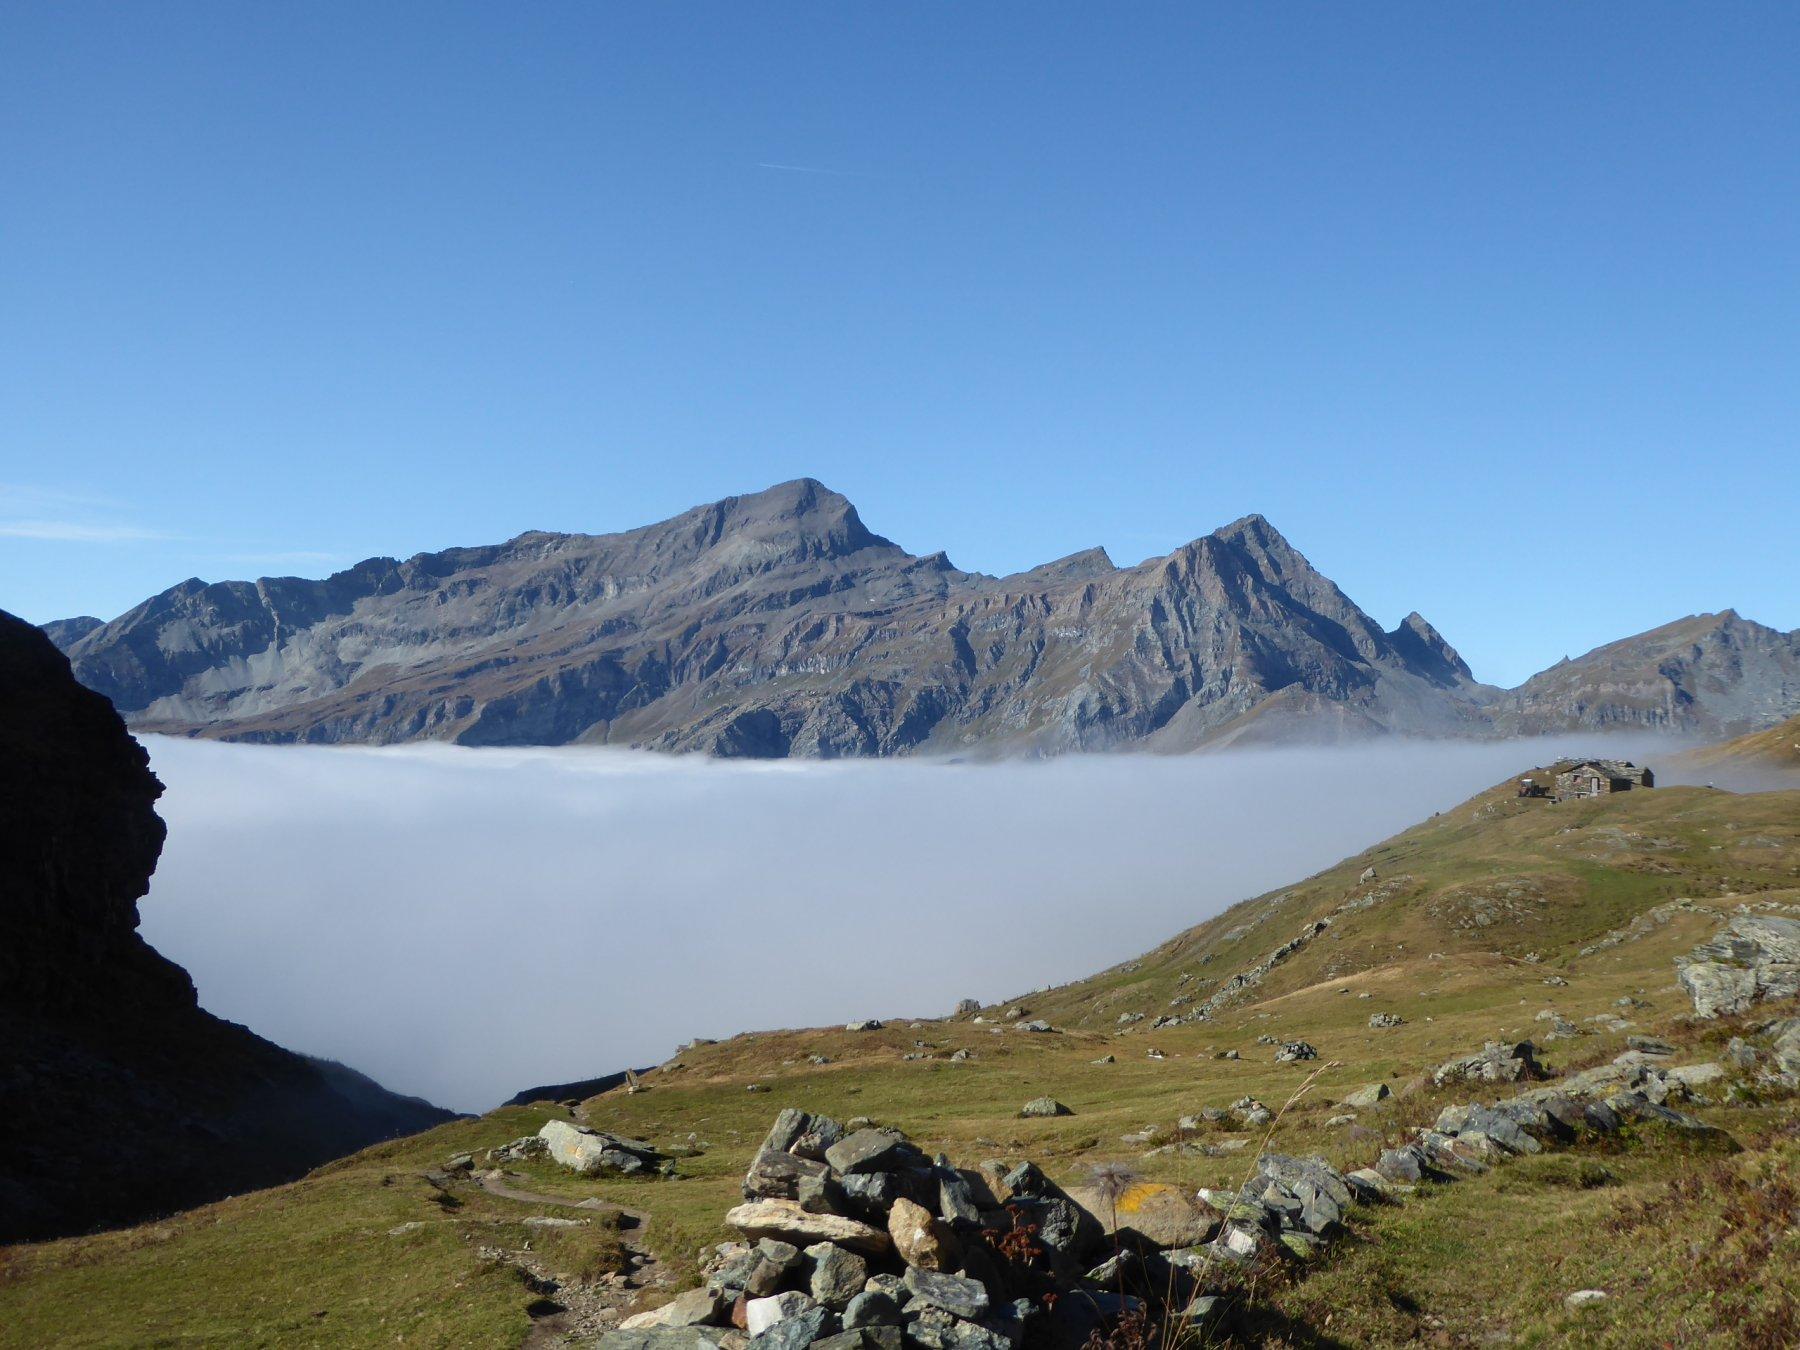 si apre !!! sullo sfondo Testa Grigia, a destra l'alpeggio Becksch Gaveno a 2424 metri